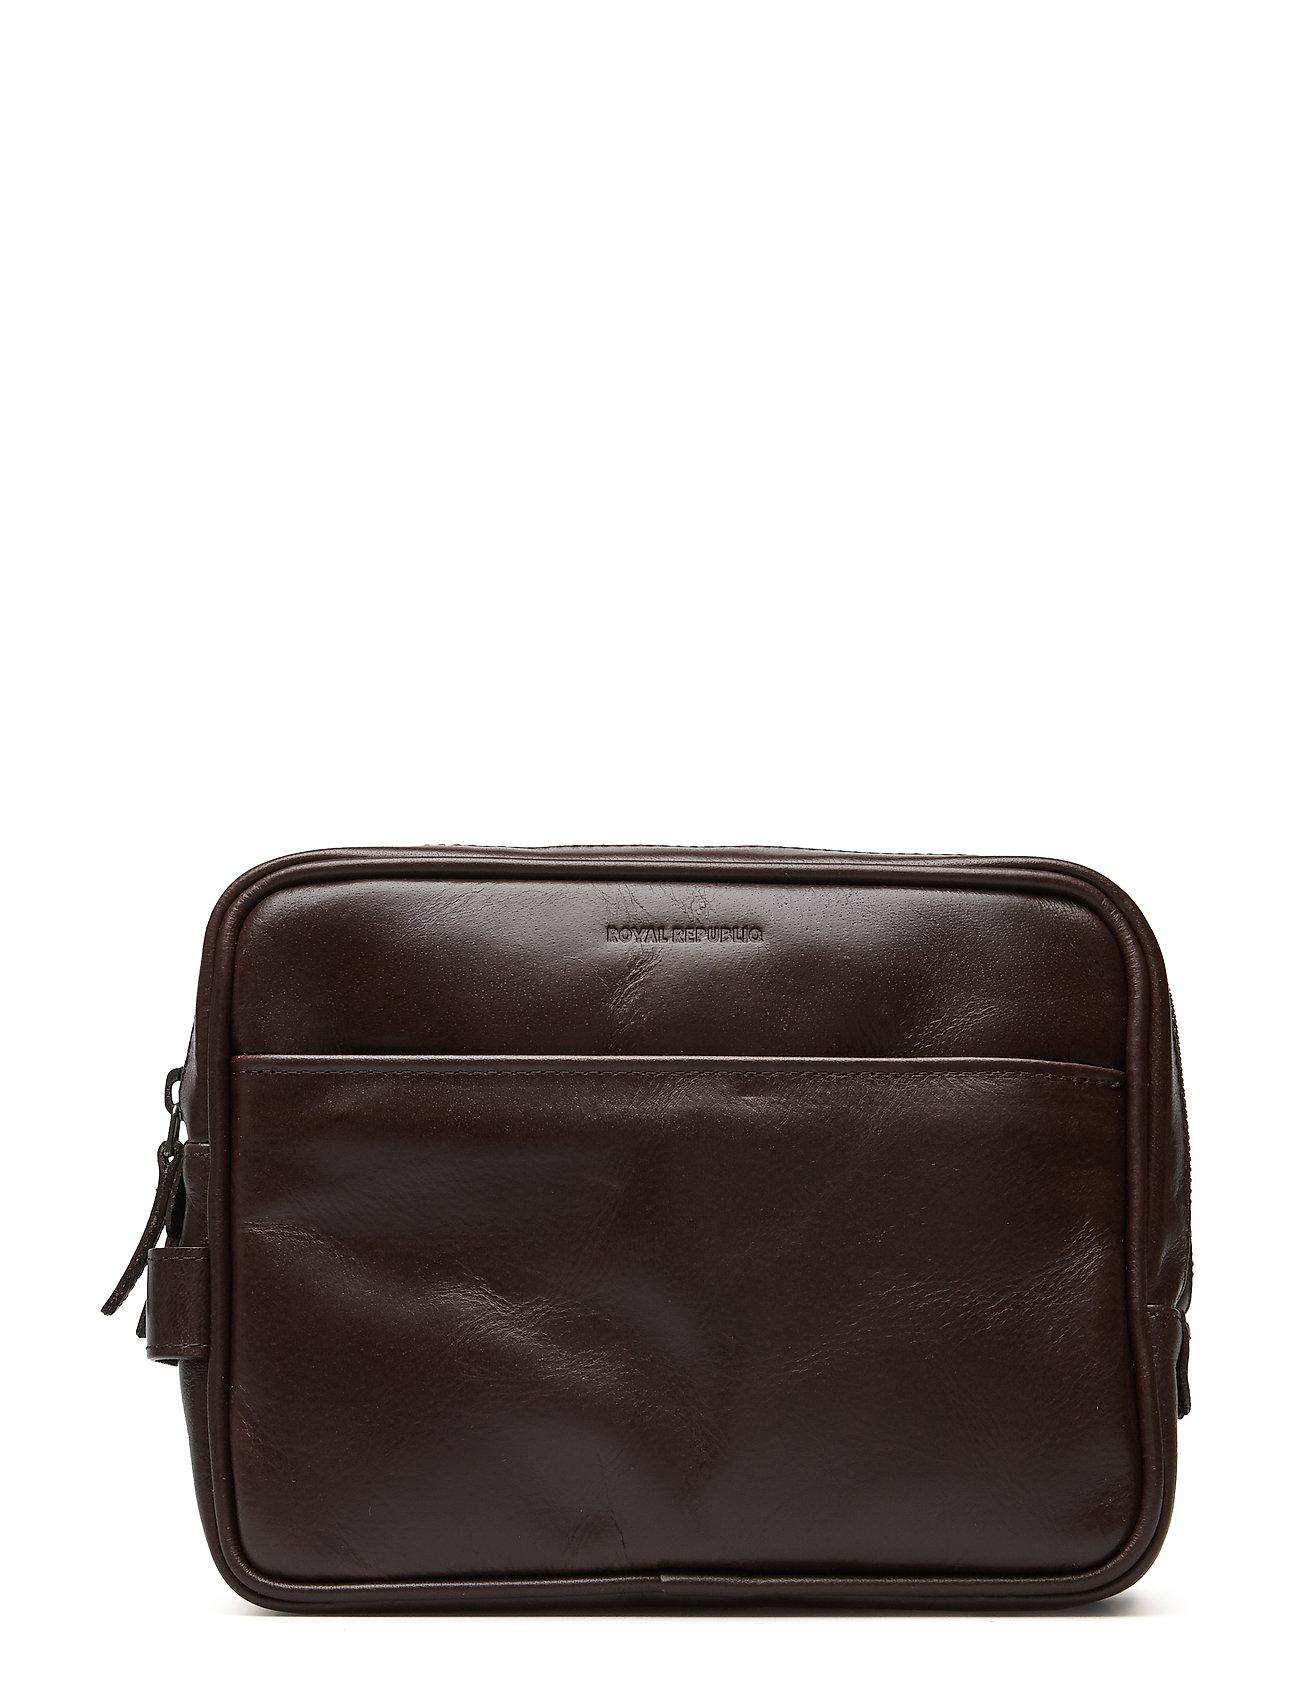 Royal RepubliQ Explorer Toilet Bag Mini - BROWN